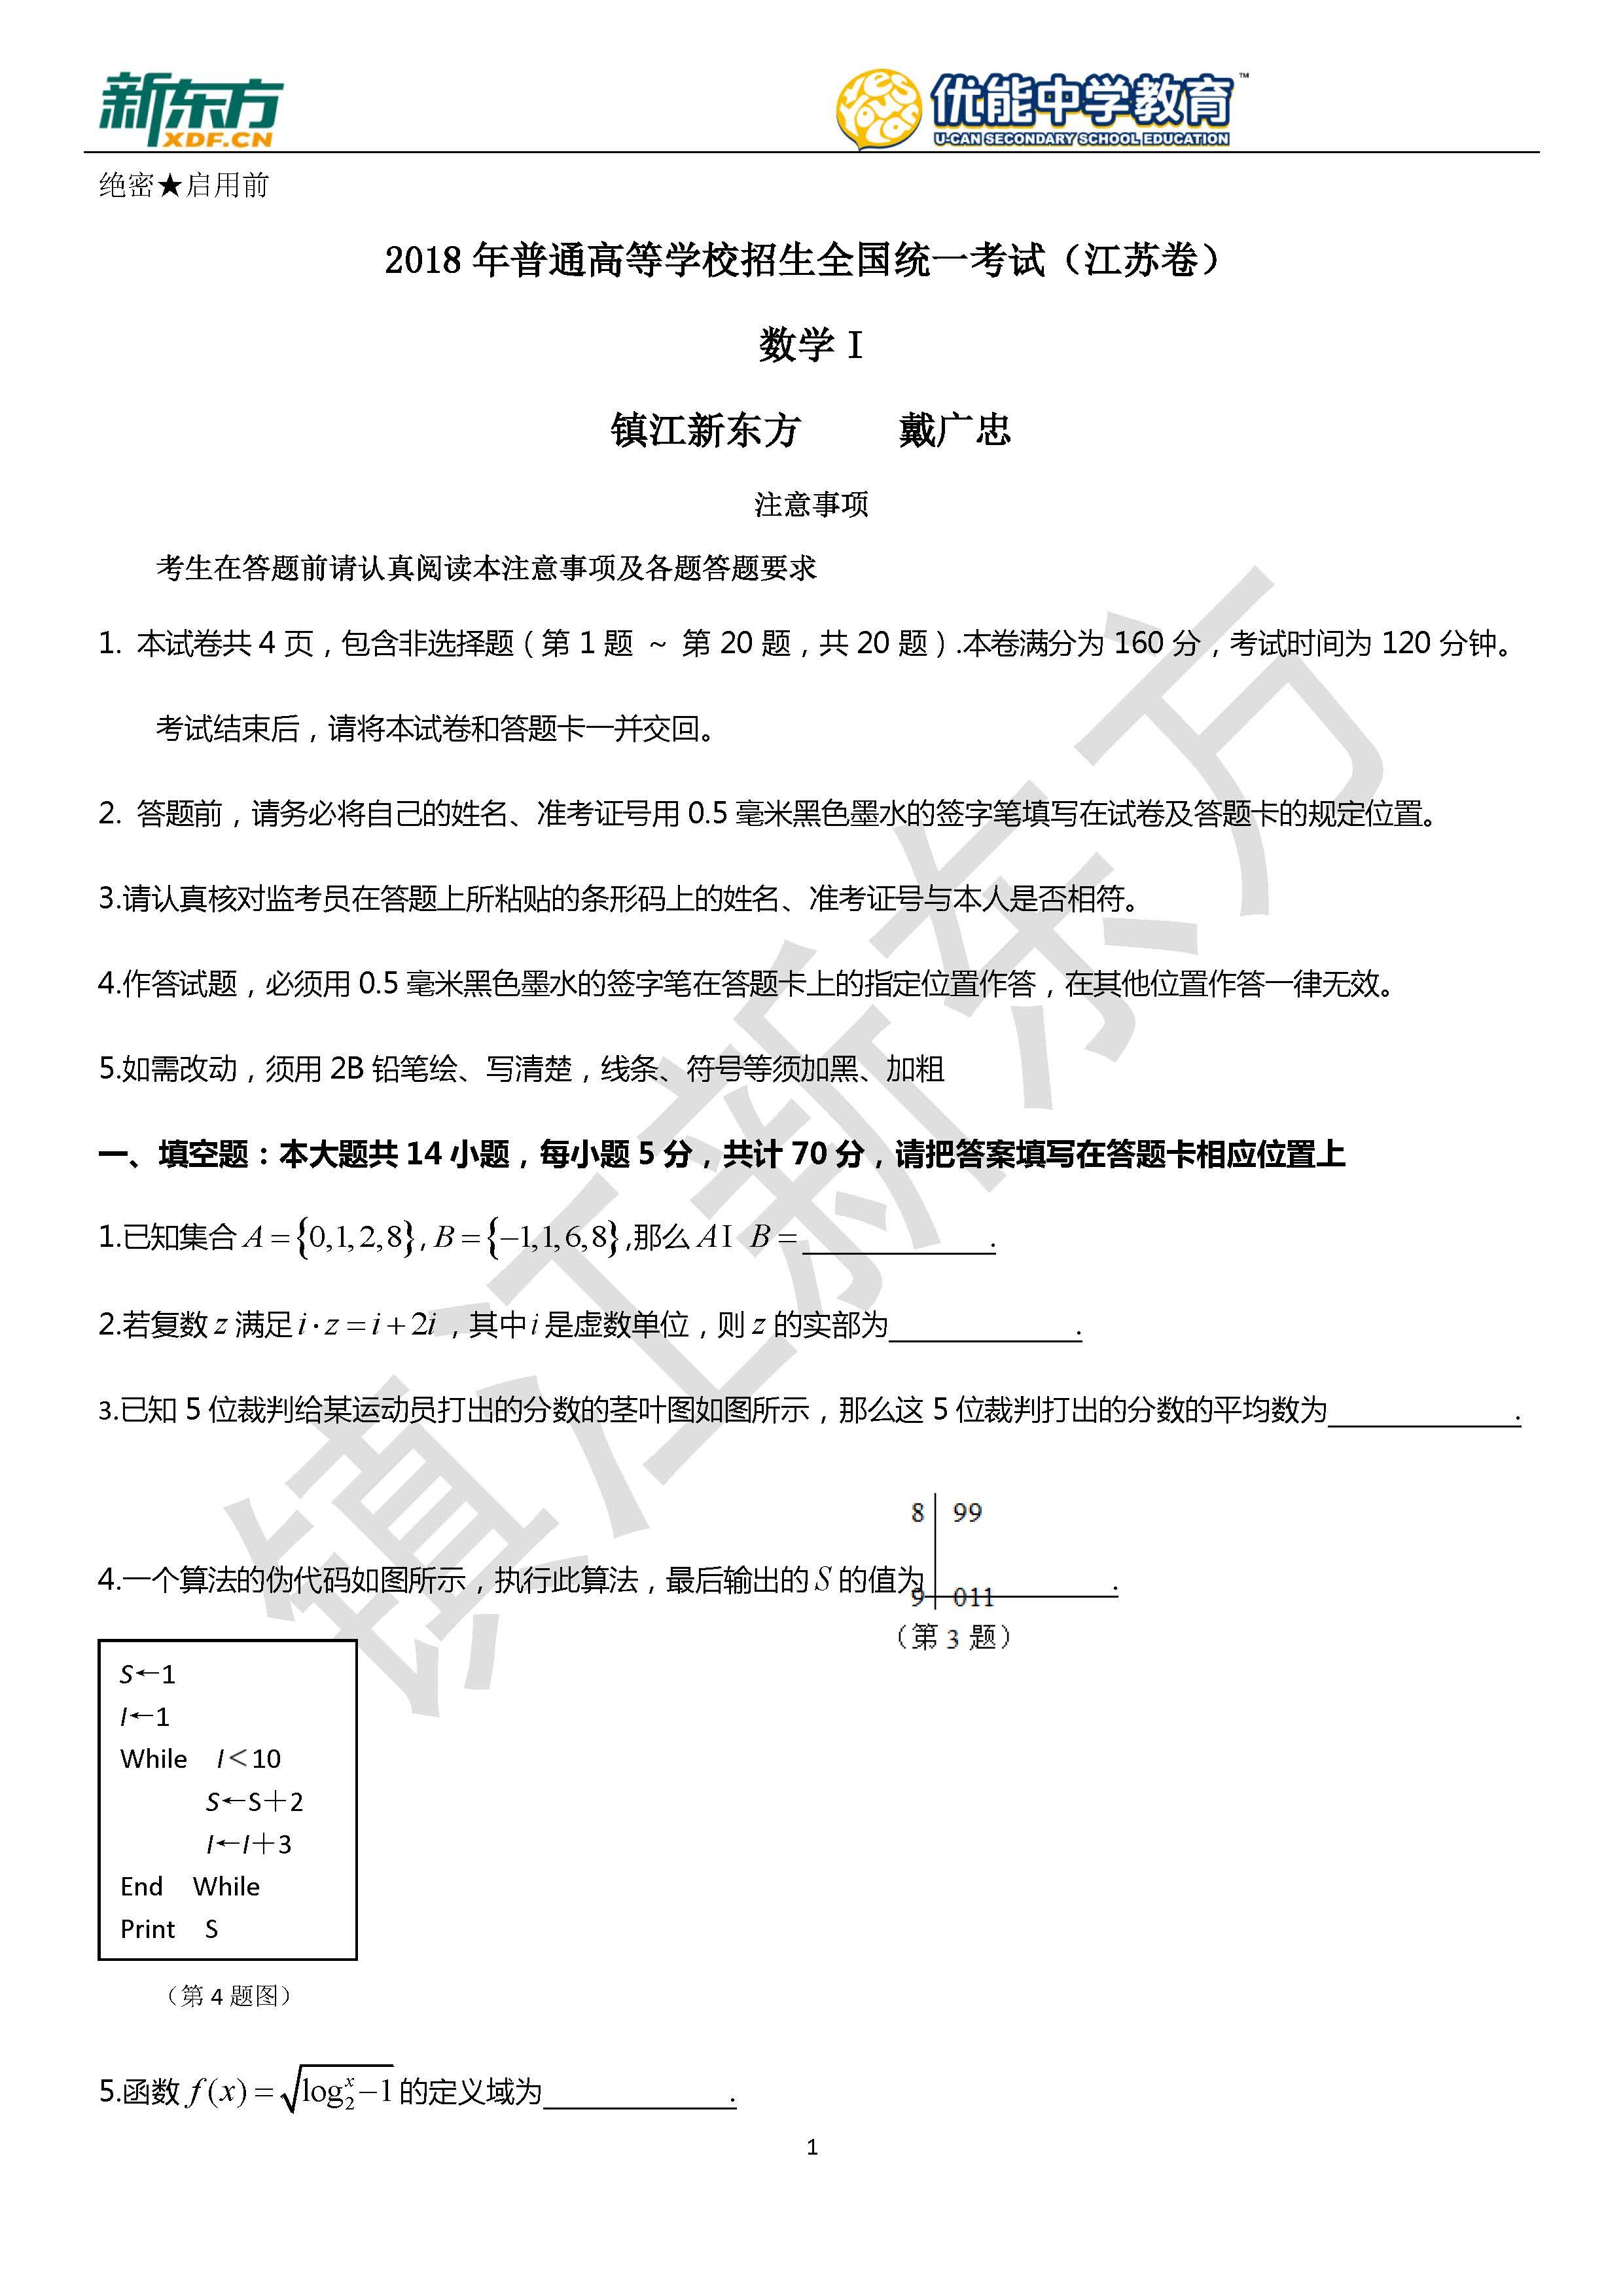 2018江苏高考数学理试卷(镇江新东方)